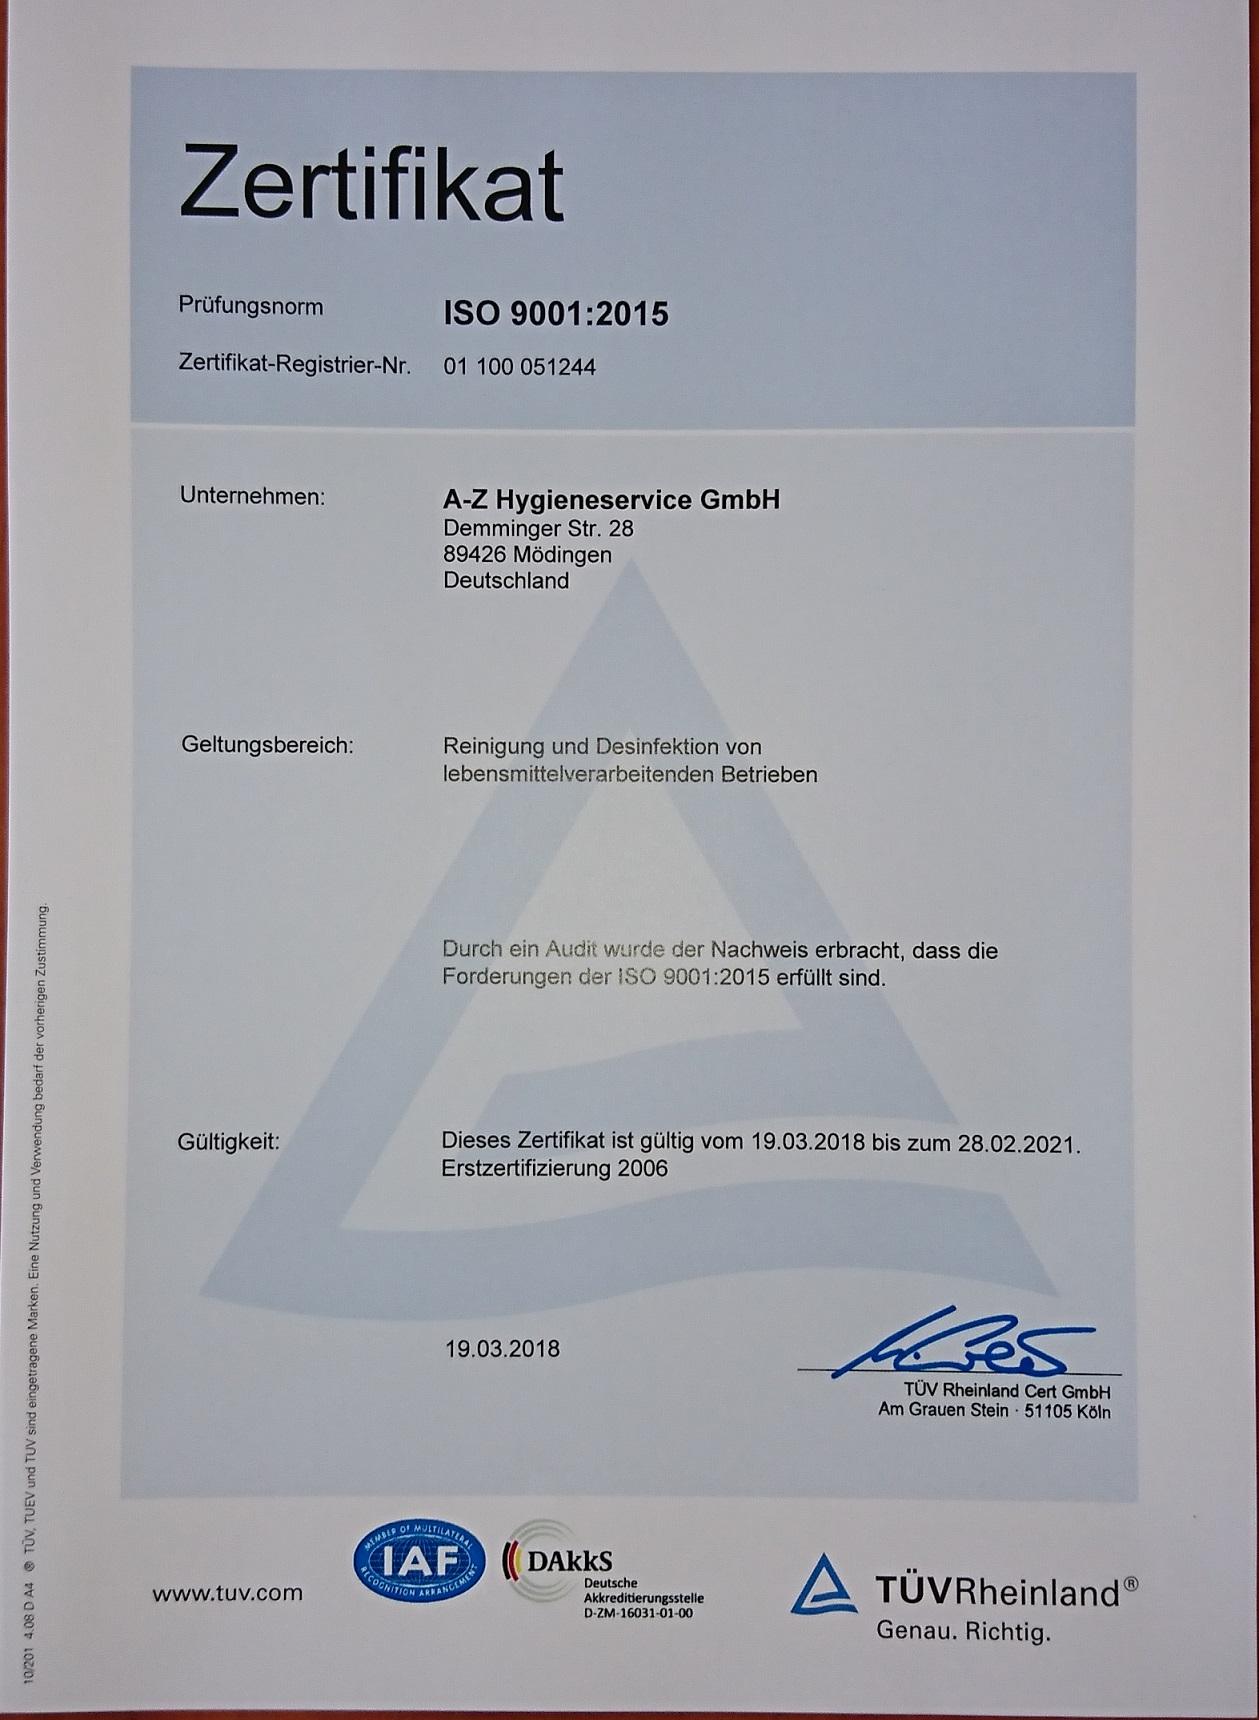 Zertifikat Deutsch1